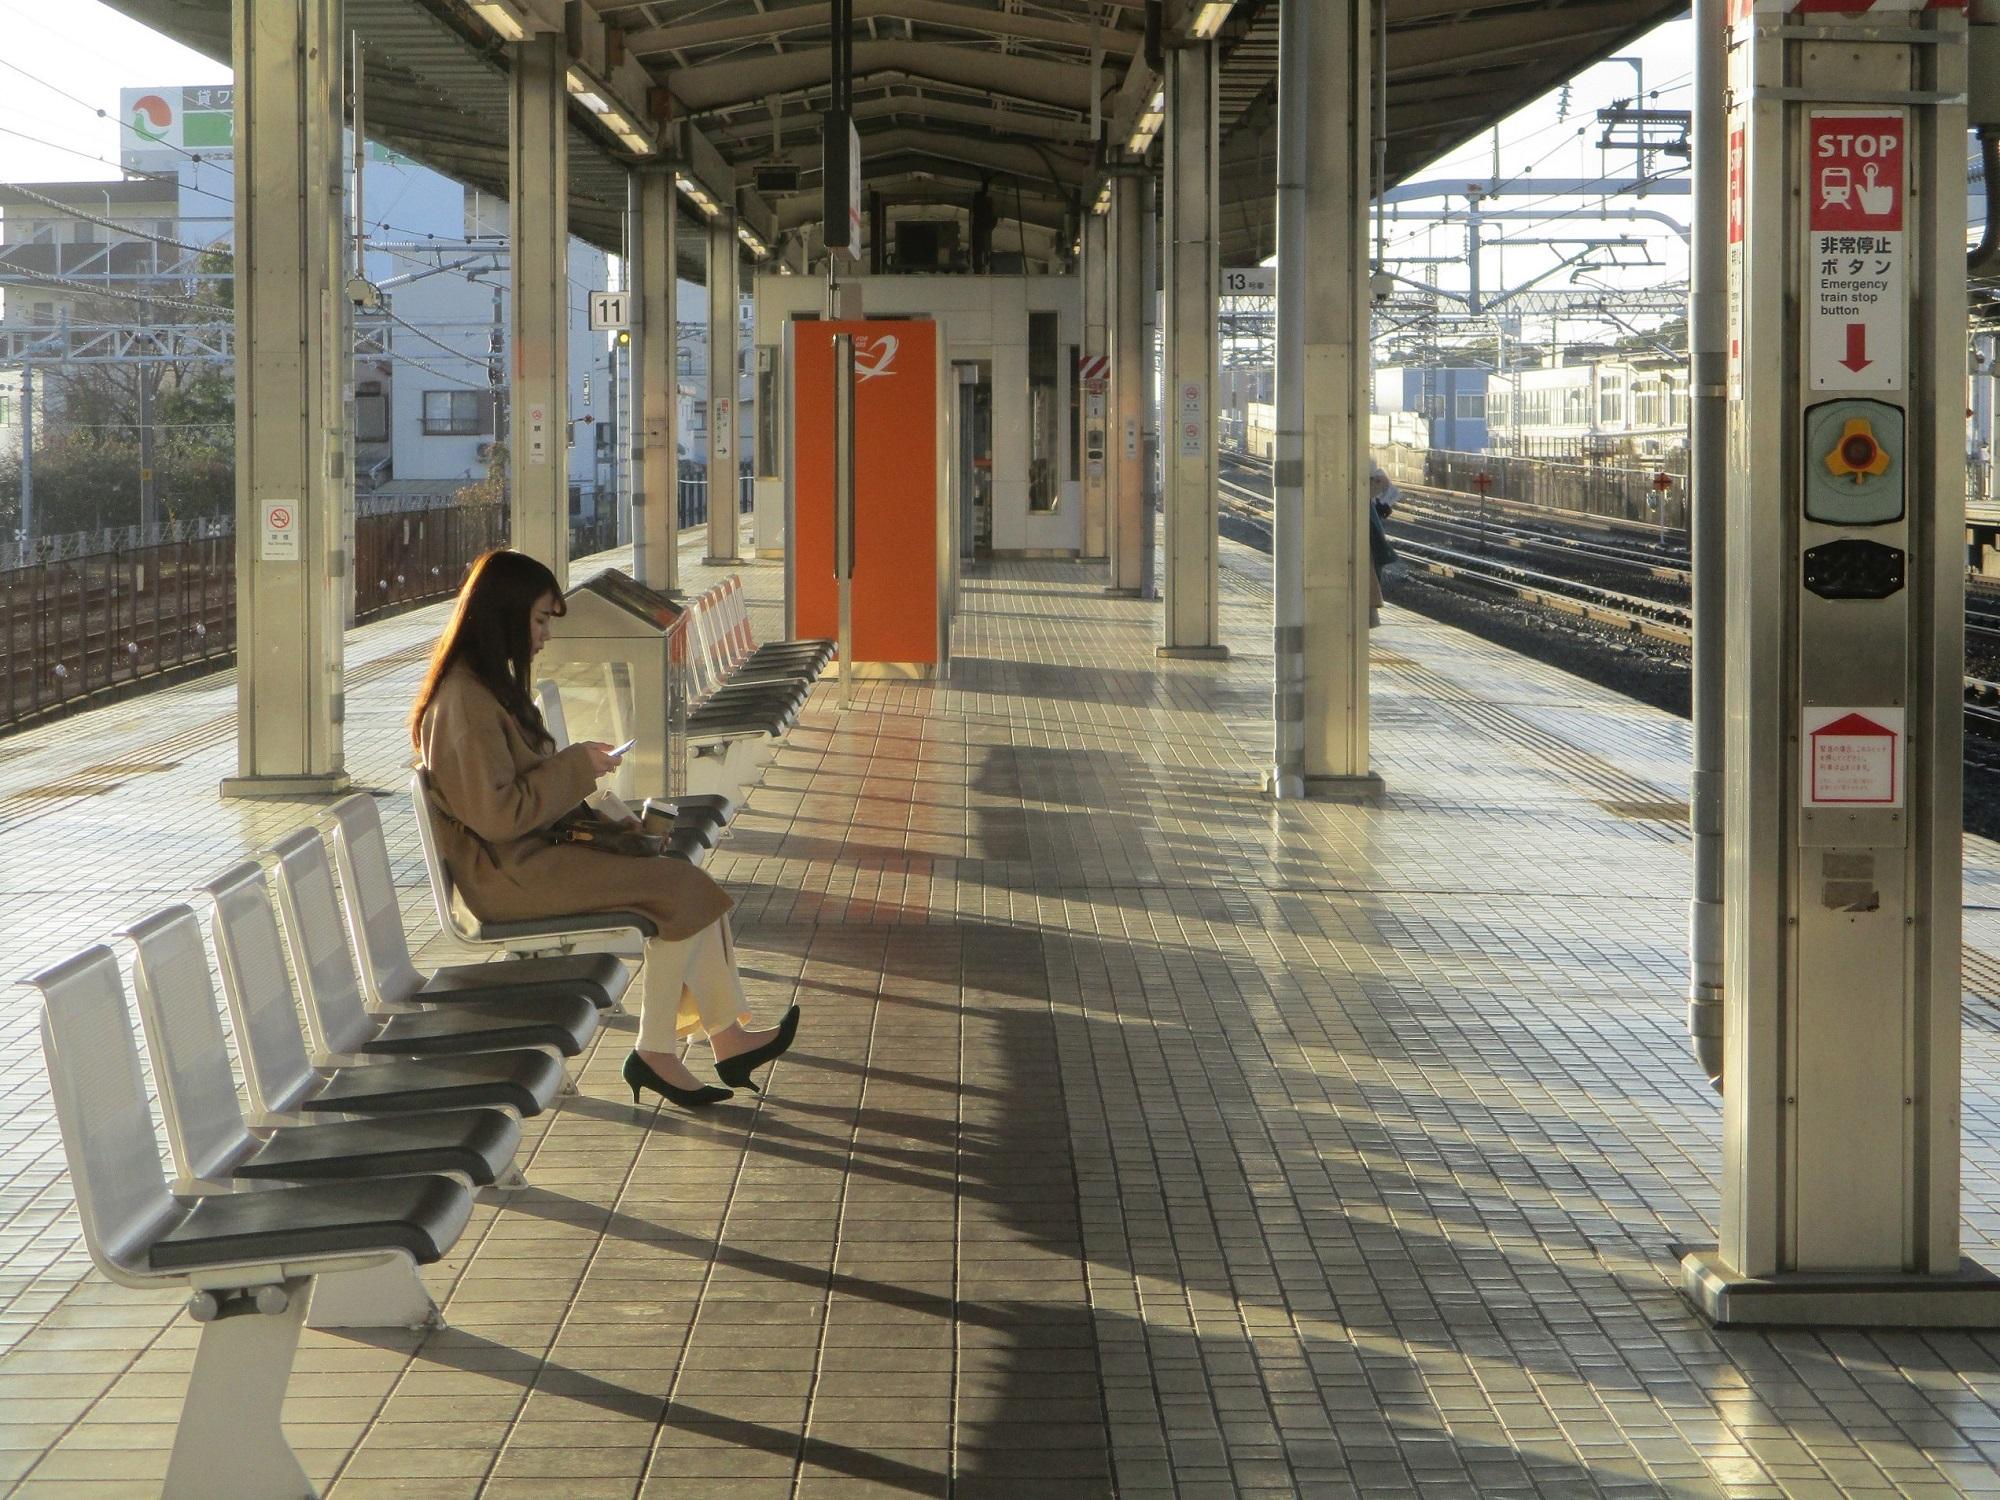 2020.1.21 (4) 豊橋 - 新幹線のりば 2000-1500